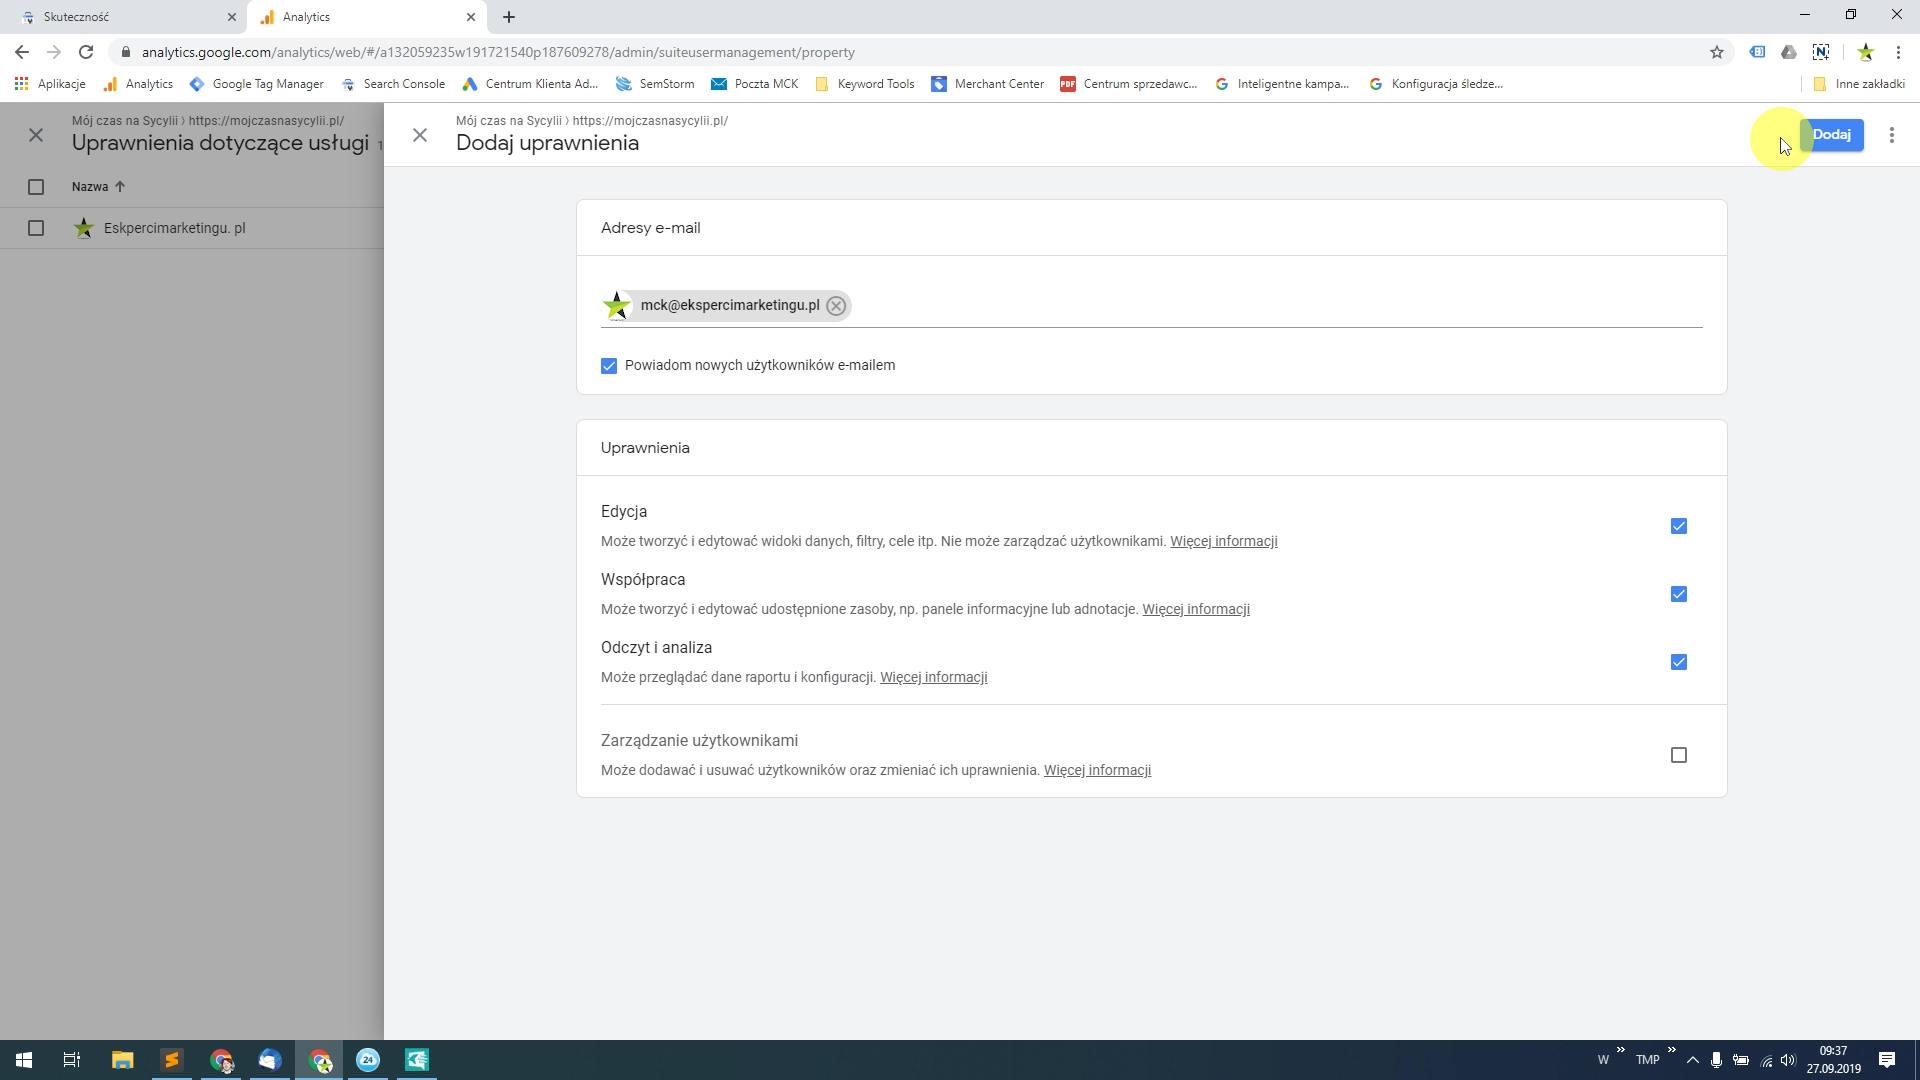 Podaj nasz adres e-mail: mck@ekspercimarketingu.pl To jest nasze firmowe konto spięte z Moim Centrum Klienta od Google, możemy z jego poziomu zarządzać usługami naszych klientów.